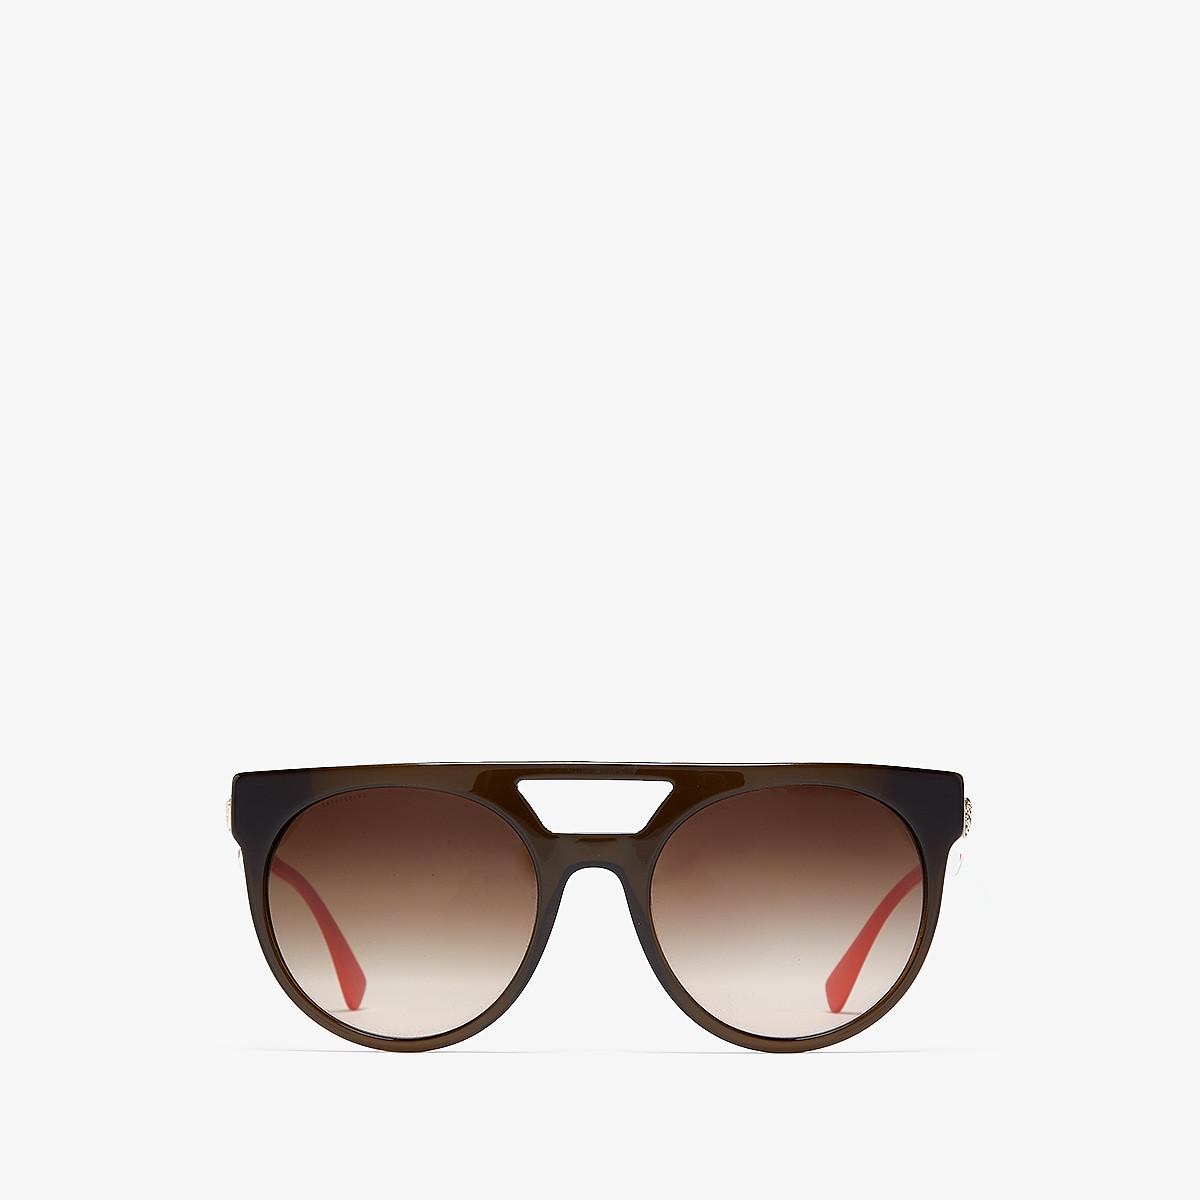 Versace VE4339 - Transparent Green/Orange/Brown Gradient